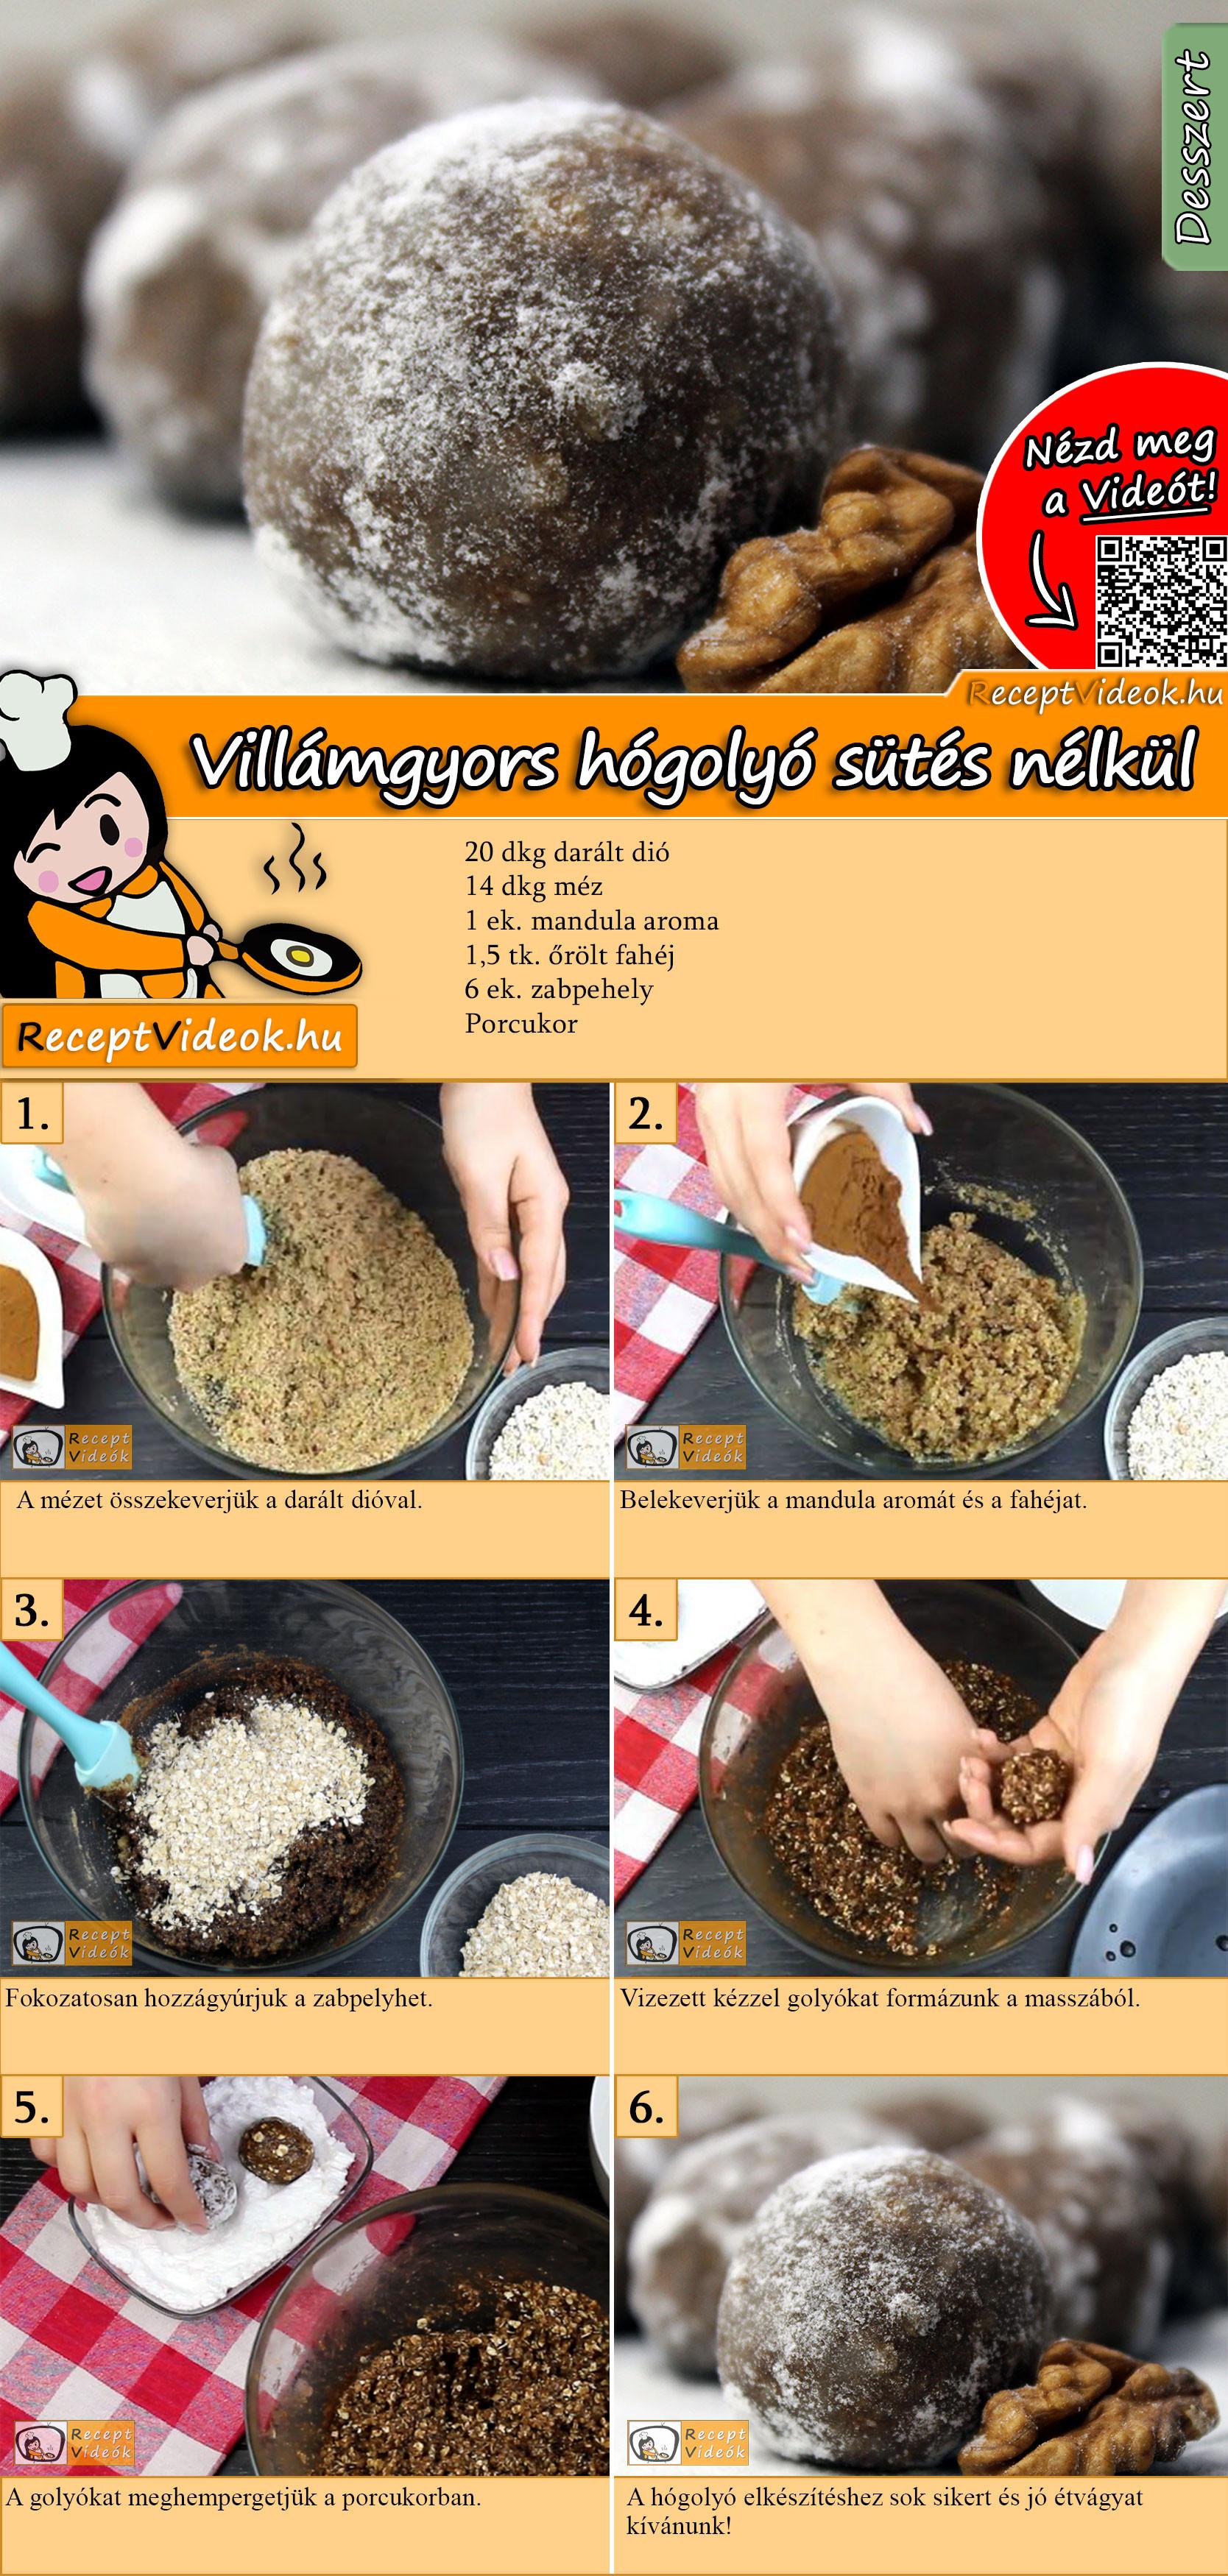 Villámgyors hógolyó sütés nélkül recept elkészítése videóval